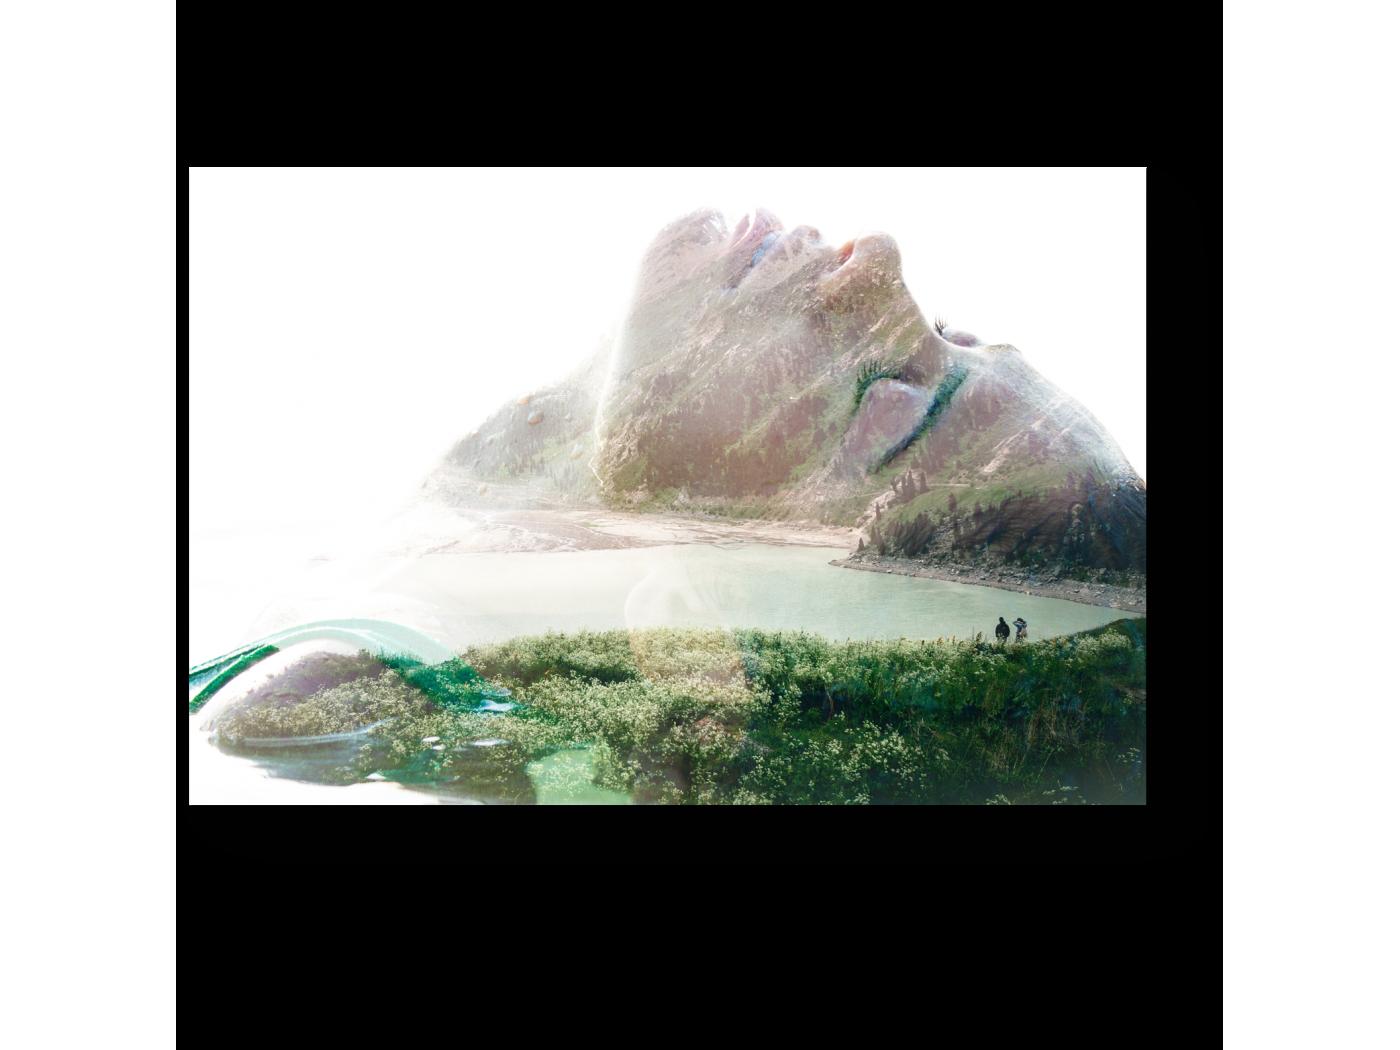 Модульная картина Мечты об уединении (30x20) фото